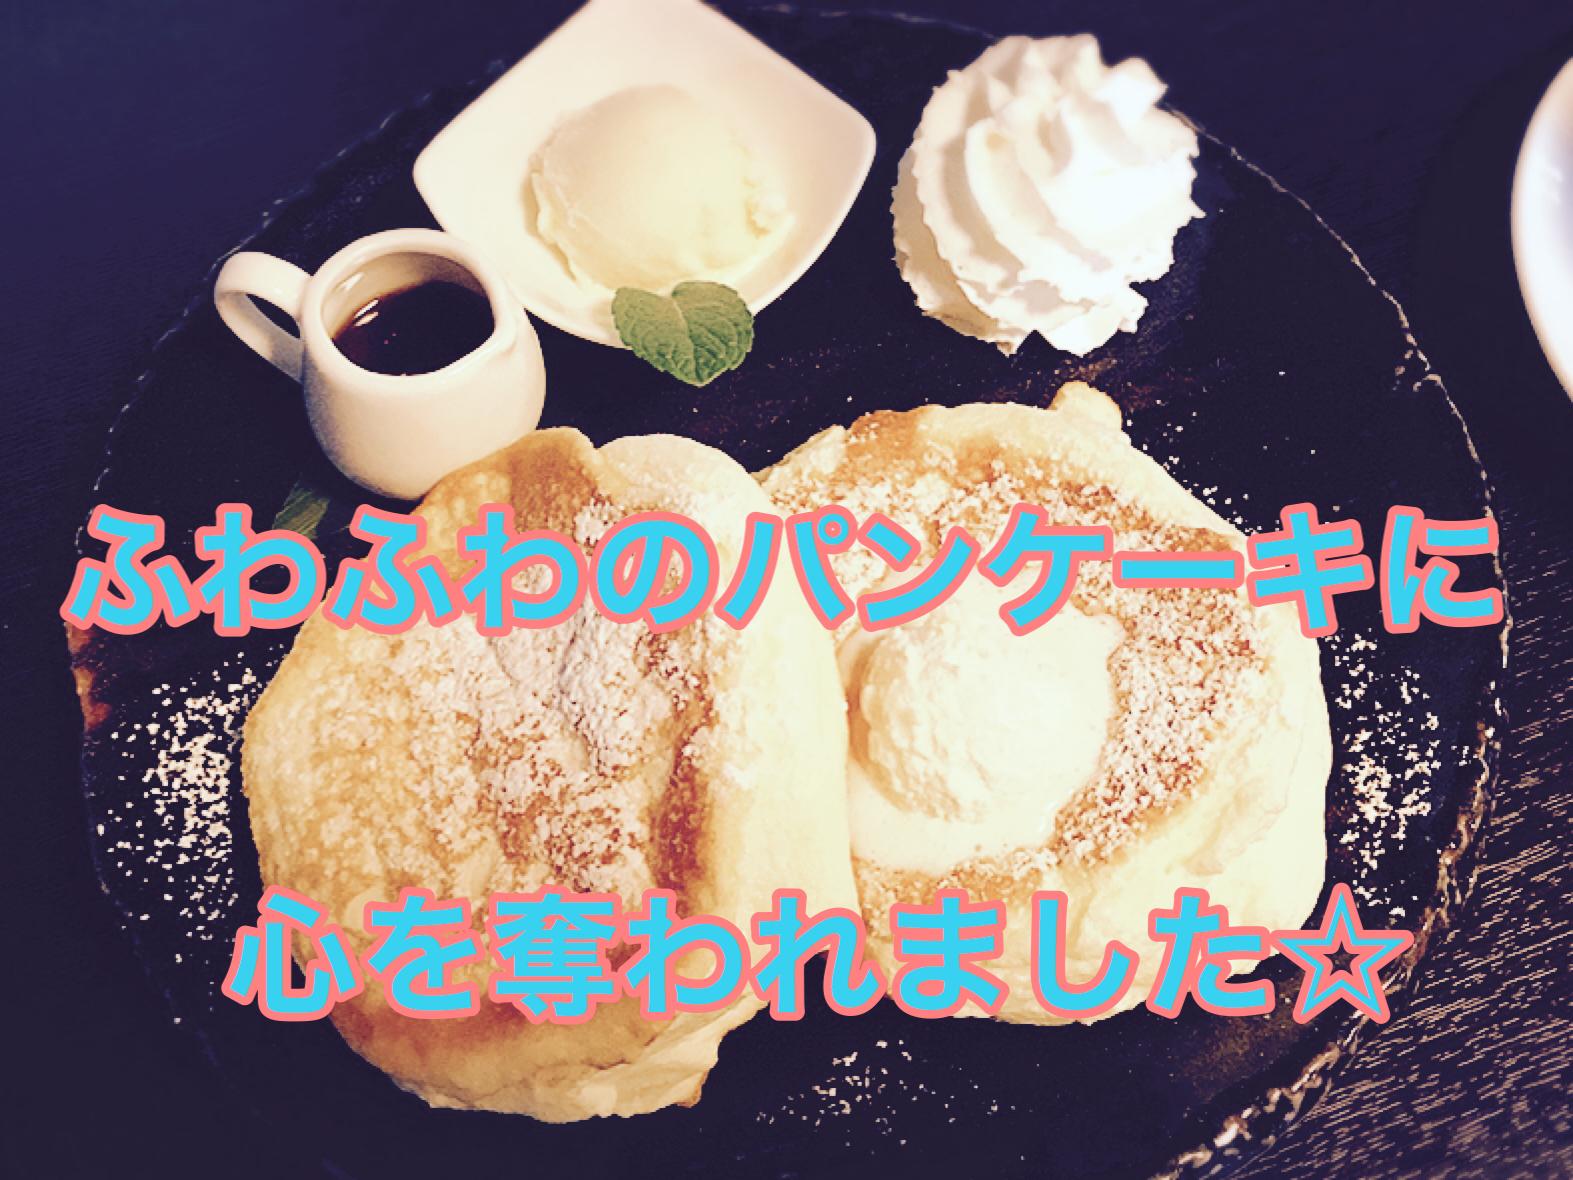 岡崎市にあるステキな和カフェで久しぶりのランチ会をしました